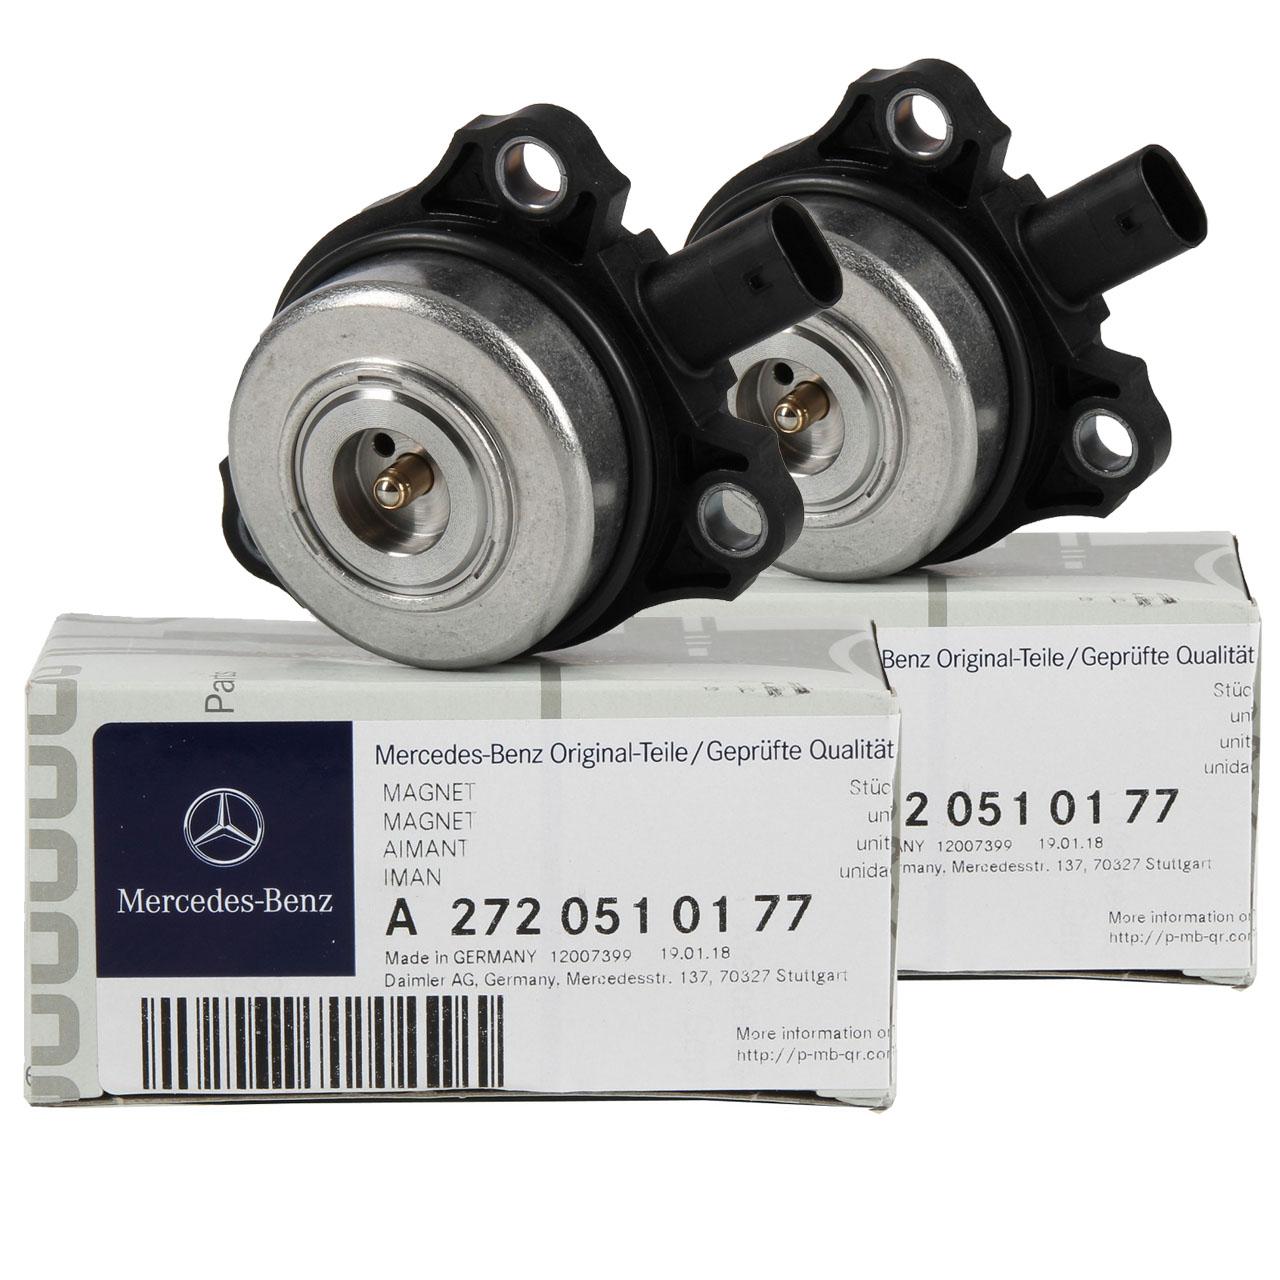 2x ORIGINAL Mercedes-Benz Zentralmagnet Nockenwellenversteller OM272 2720510177